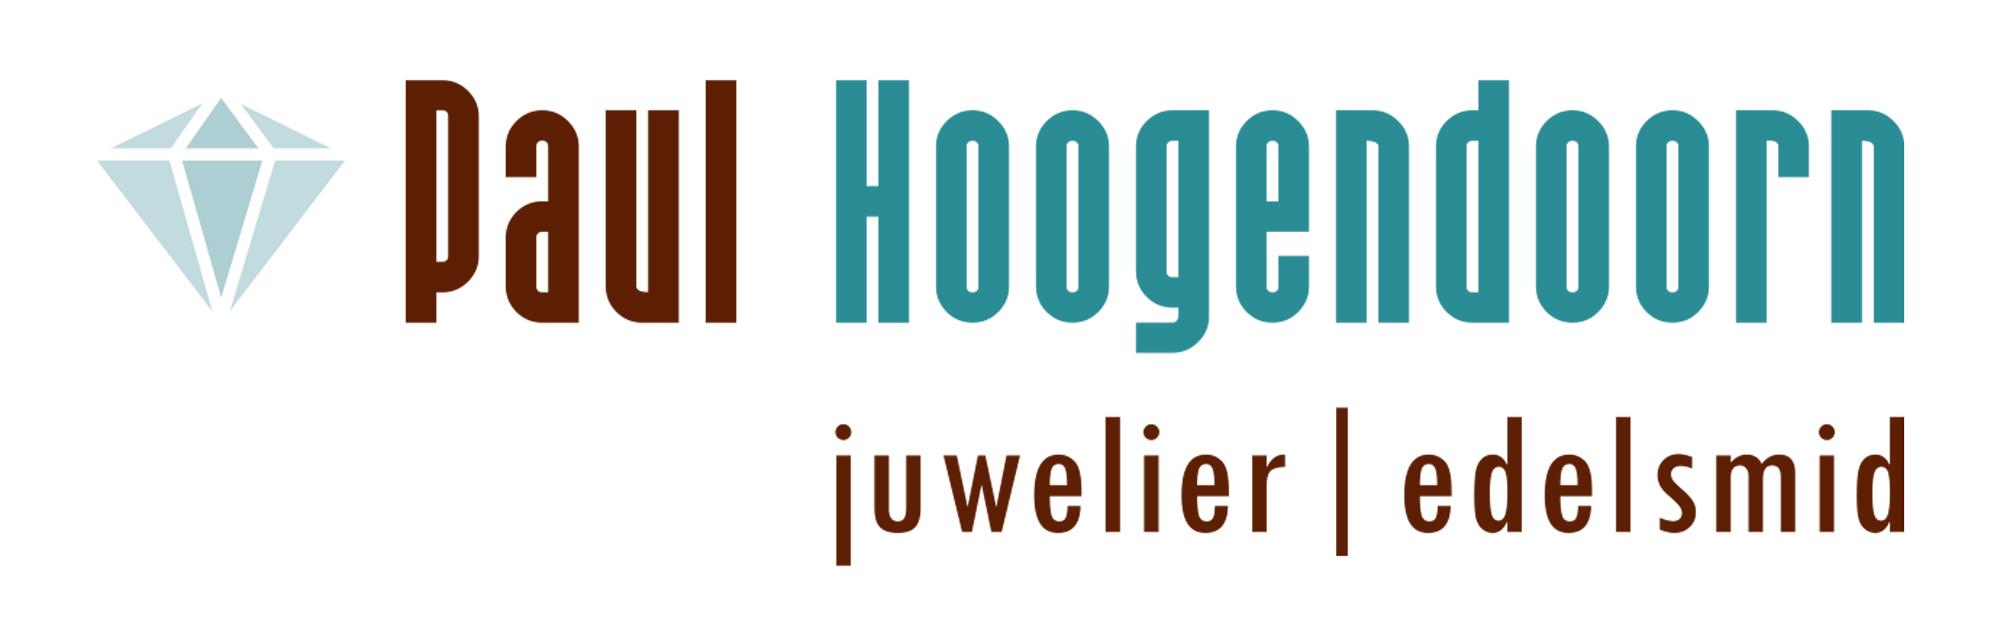 Juwelier Hoogendoorn